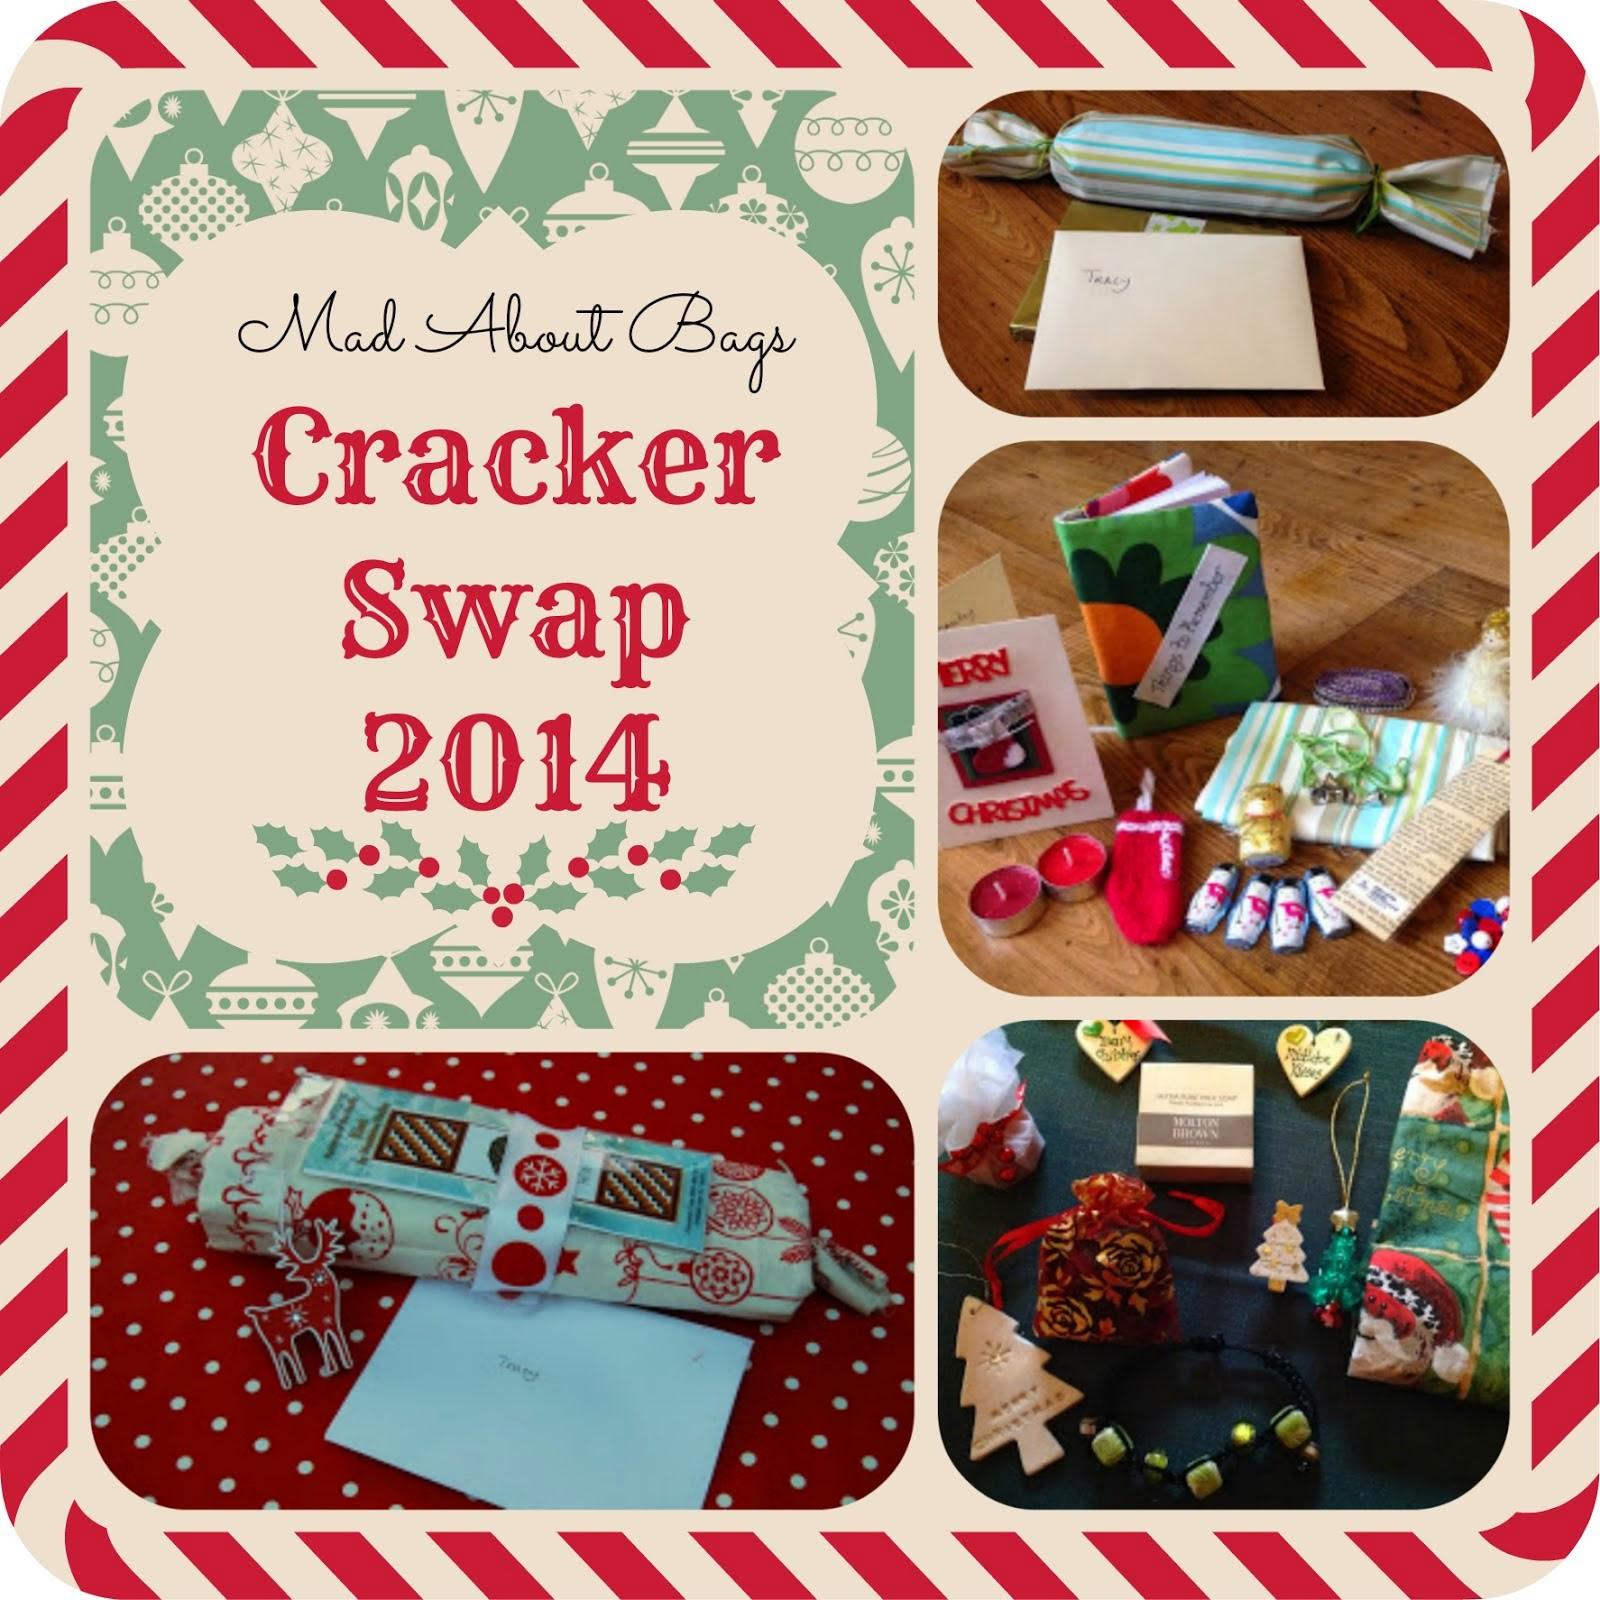 Cracker Swap 2014